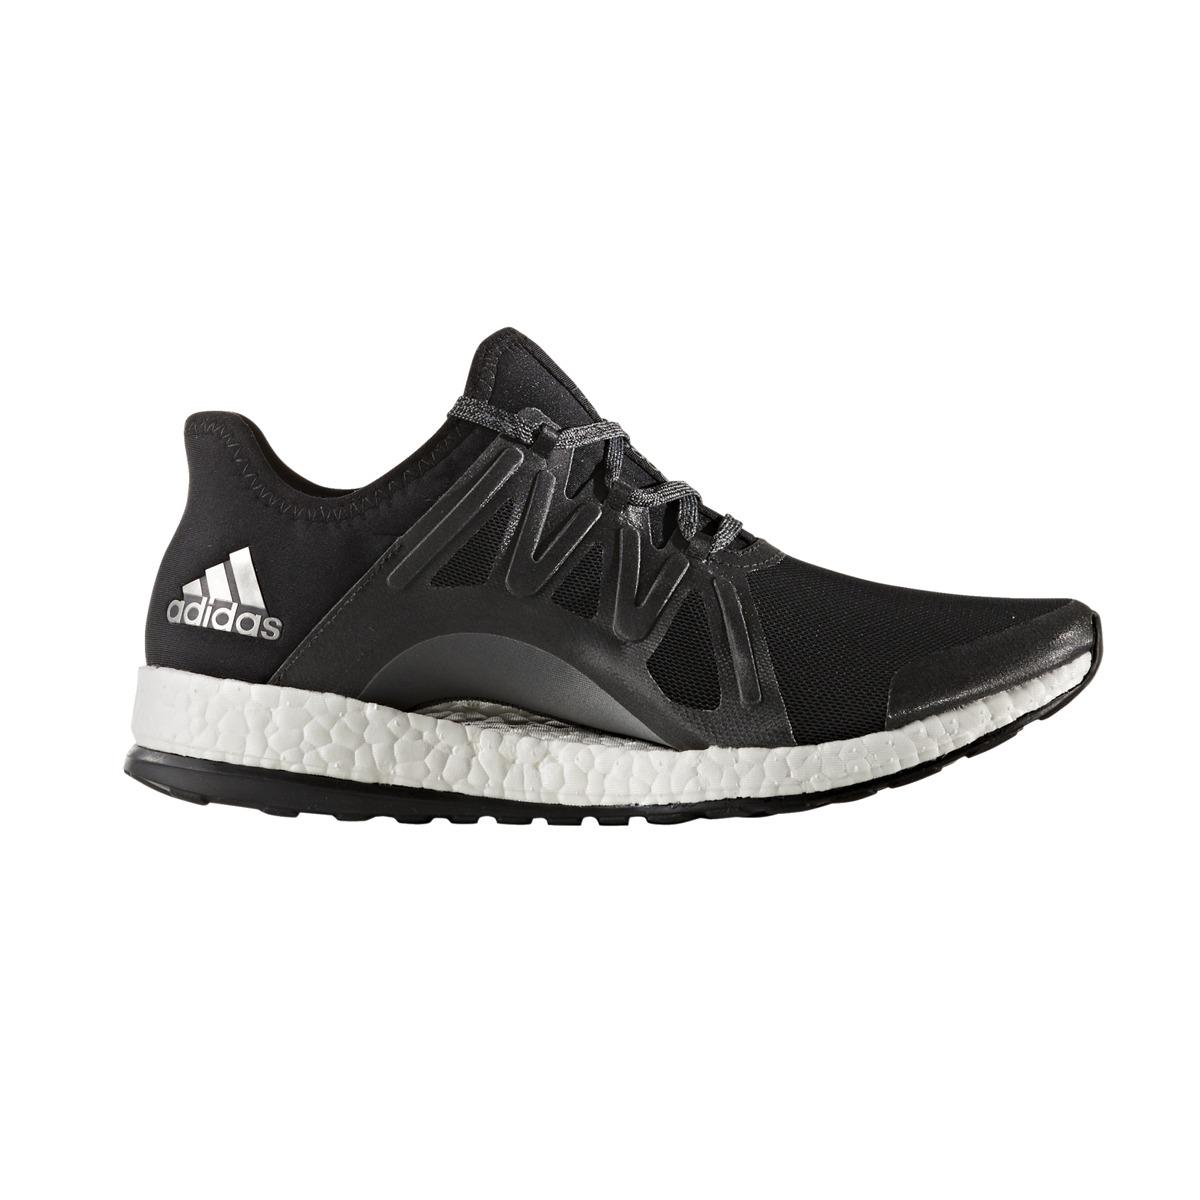 d1cd63a759c10 zapatillas adidas running pureboost xpose mujer ng ng. Cargando zoom.